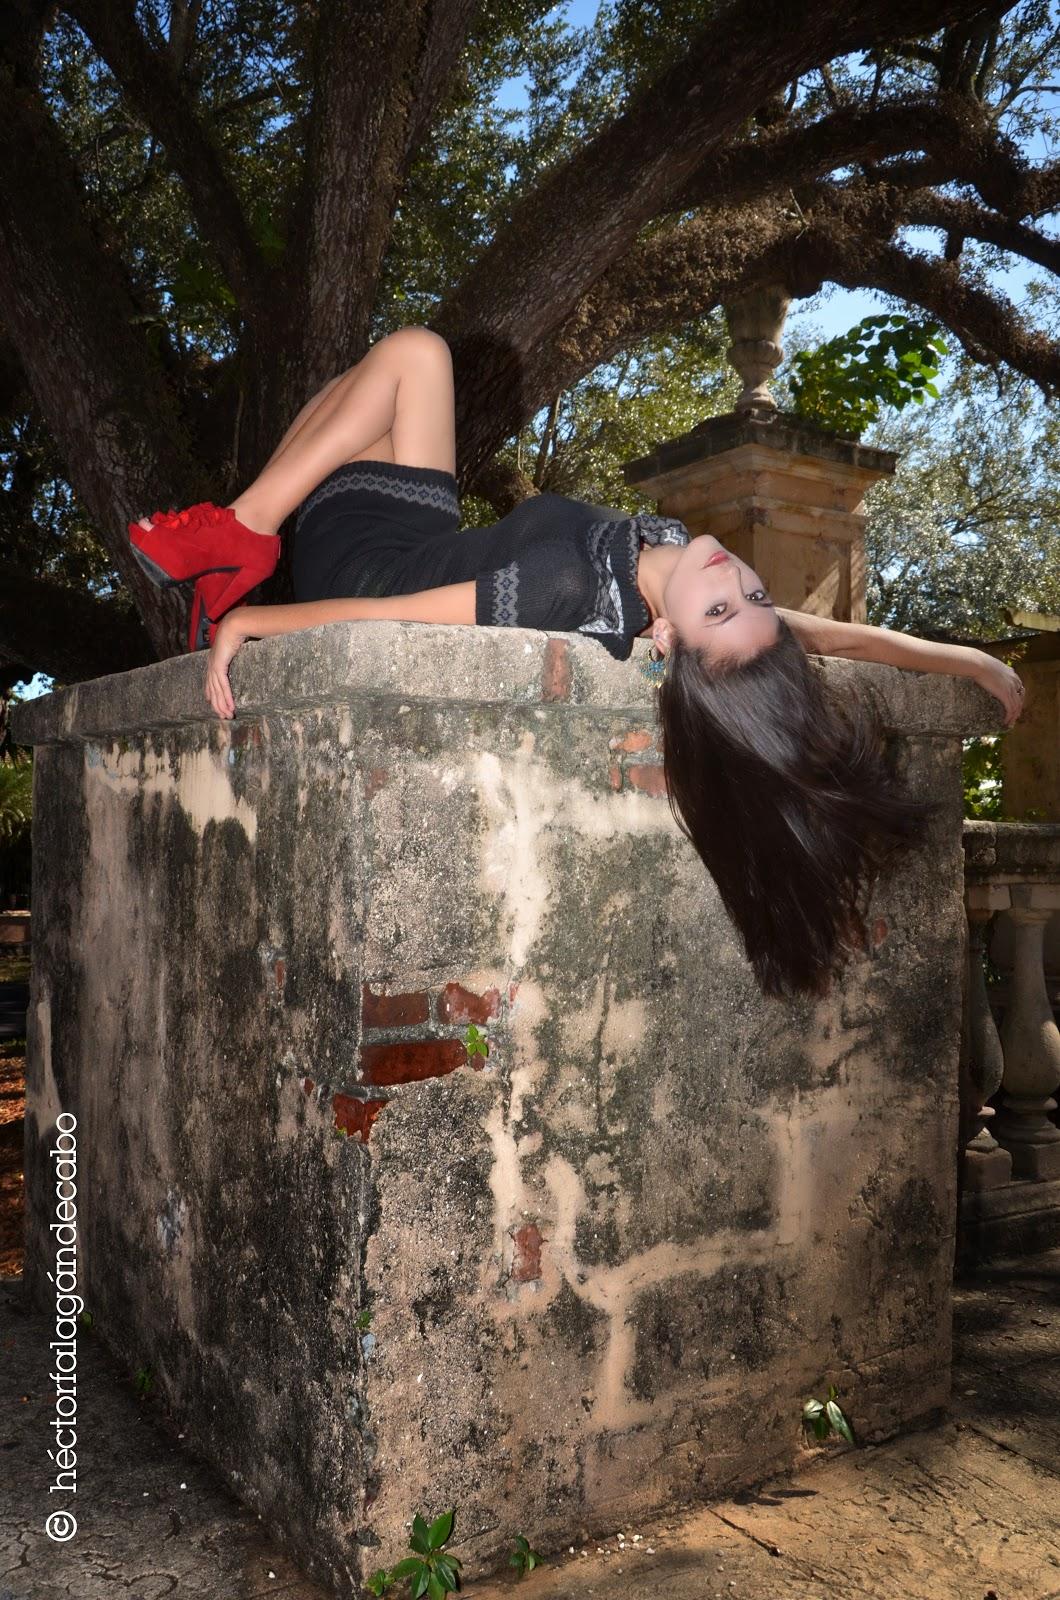 Fotografía Modelos Miami. Glenda: Future Storm. Héctor Falagán De Cabo | hfilms & photography. Miami, Florida, USA.